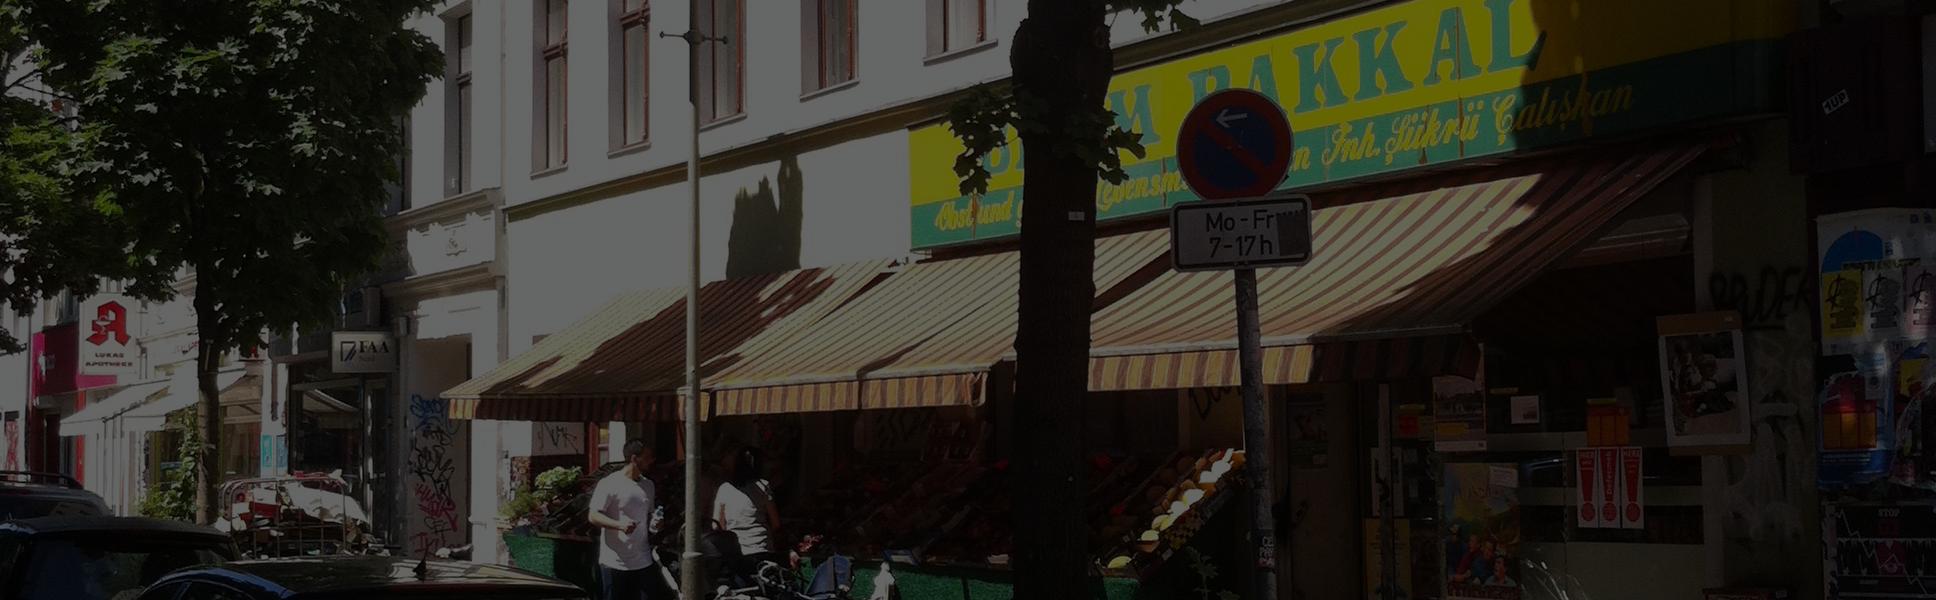 #bizimkiez – Für den Erhalt der Nachbarschaft im Wrangelkiez